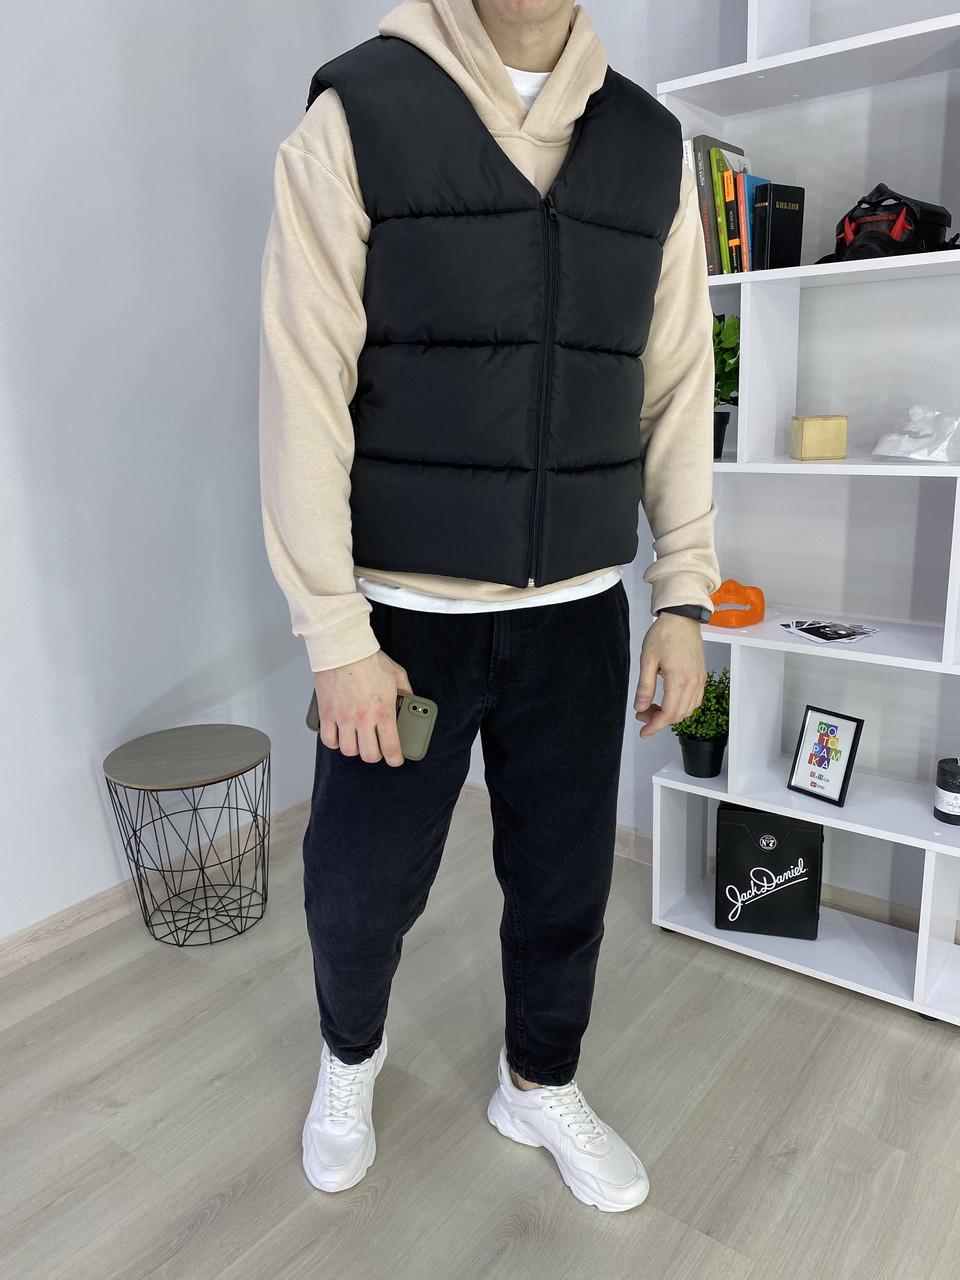 Жилет мужской черный от бренда ТУР модель Макс (Max) универсальный размер TУRWEAR